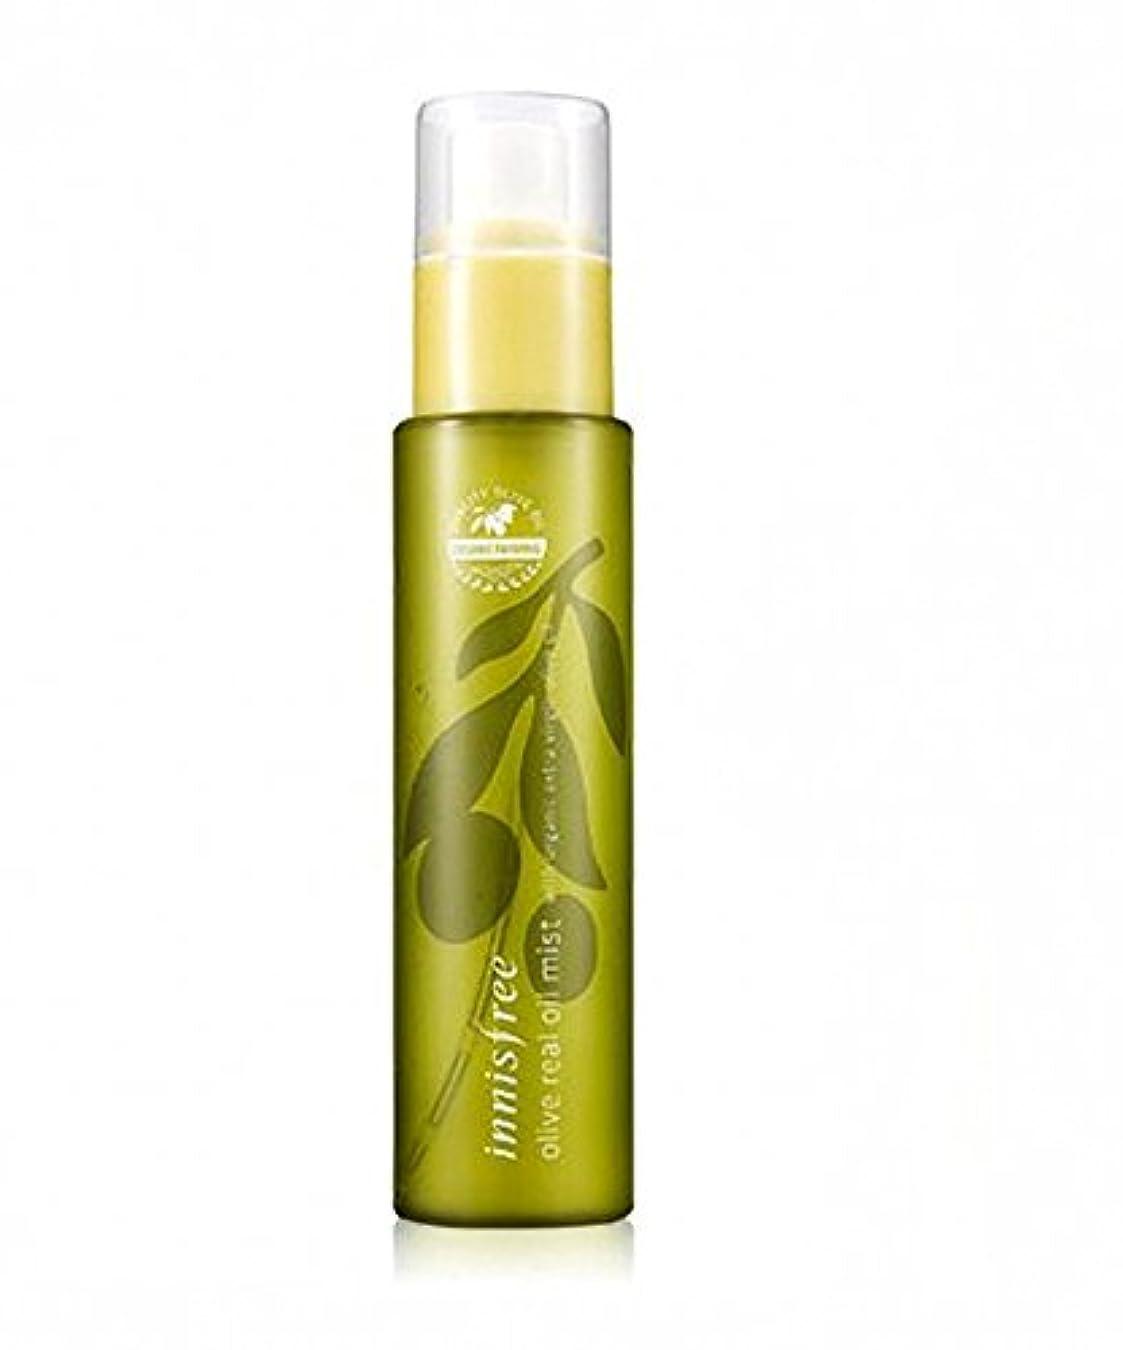 隔離ロイヤリティ本を読むイニスフリー Innisfree オリーブ リアル オイル ミスト(80ml) Innisfree Olive Real Oil Mist(80ml) [海外直送品]